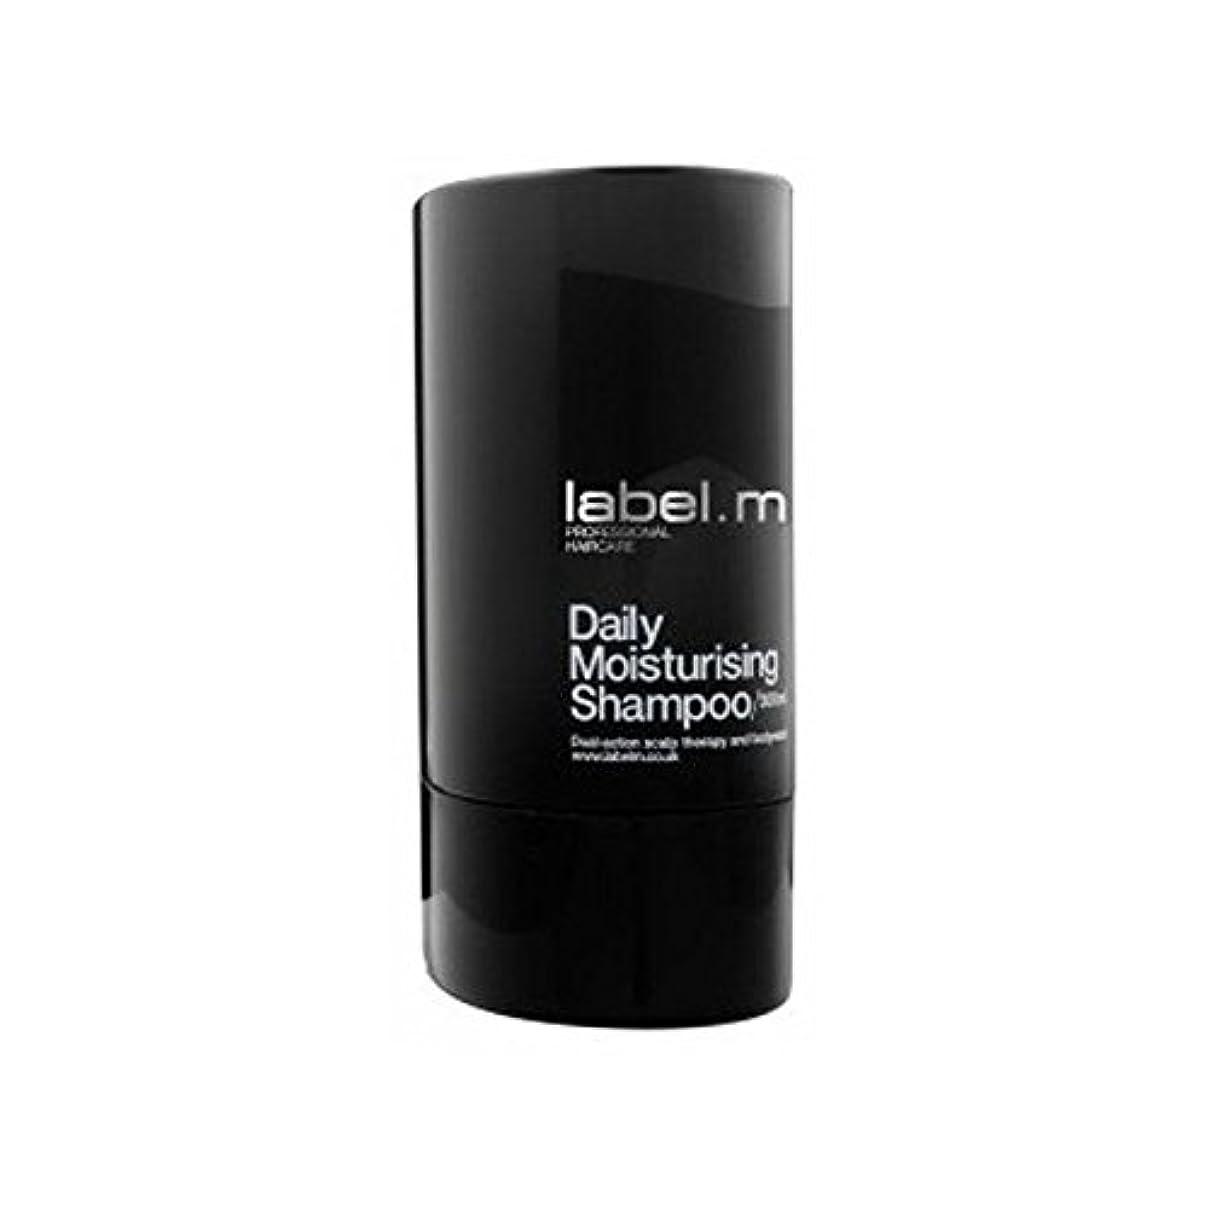 パパ火傷入浴Label.Men Daily Moisturising Shampoo (300ml) - .毎日保湿シャンプー(300ミリリットル) [並行輸入品]